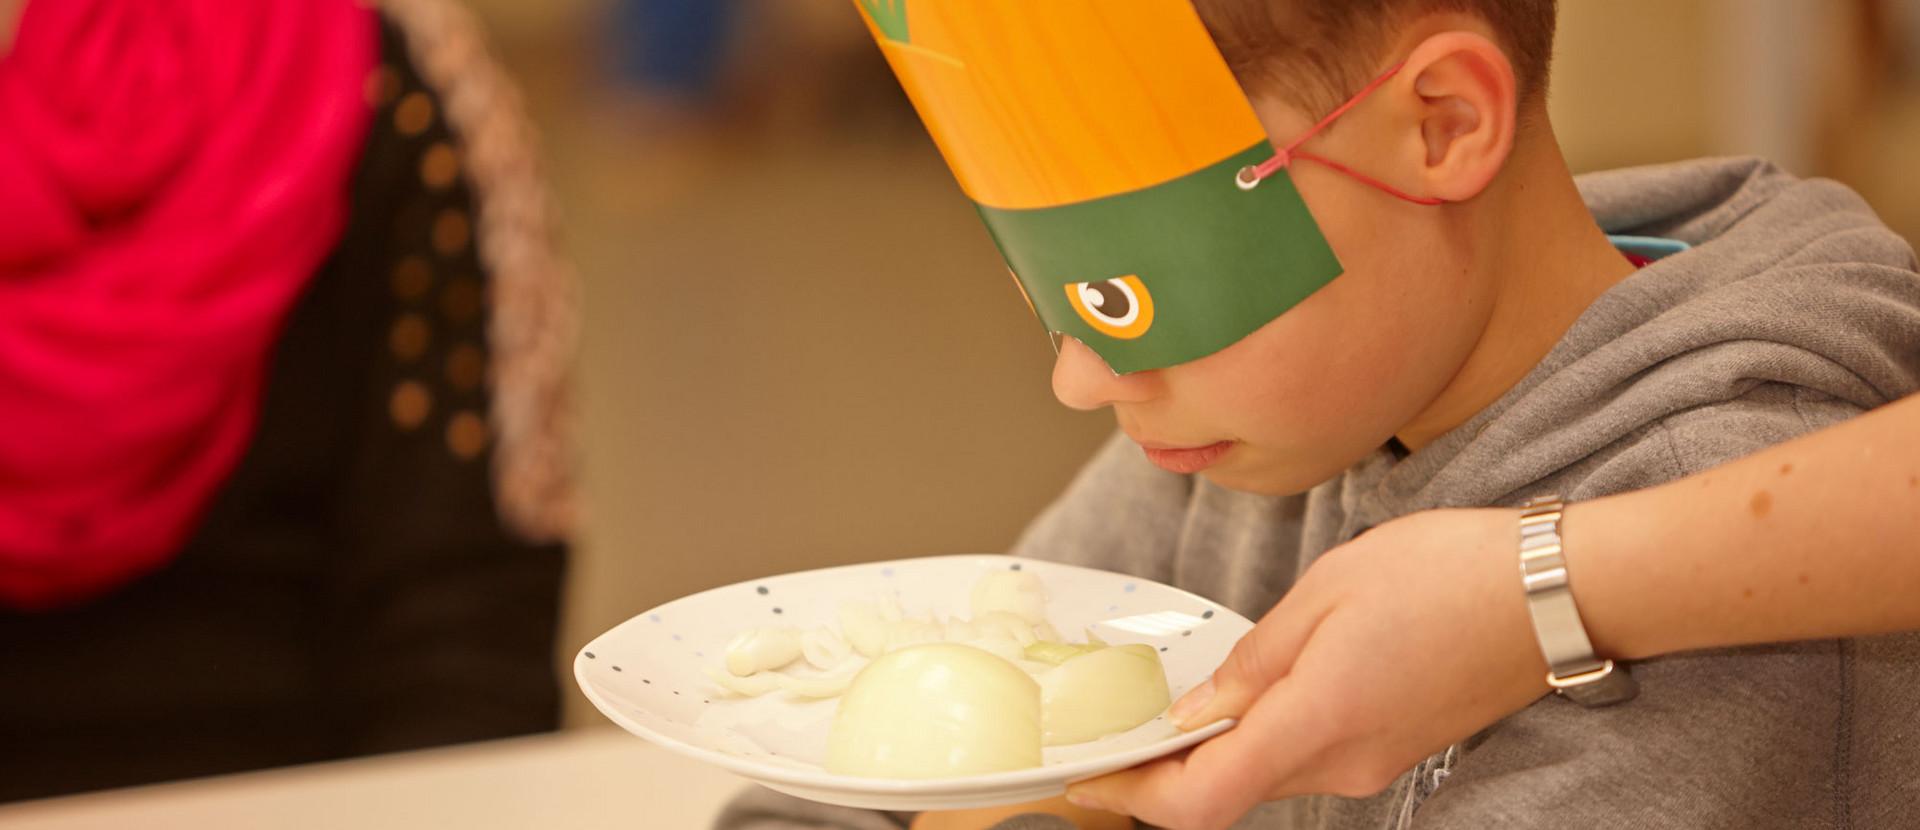 Junge mit Maske riecht an Zwiebeln, die auf einem Teller liegen